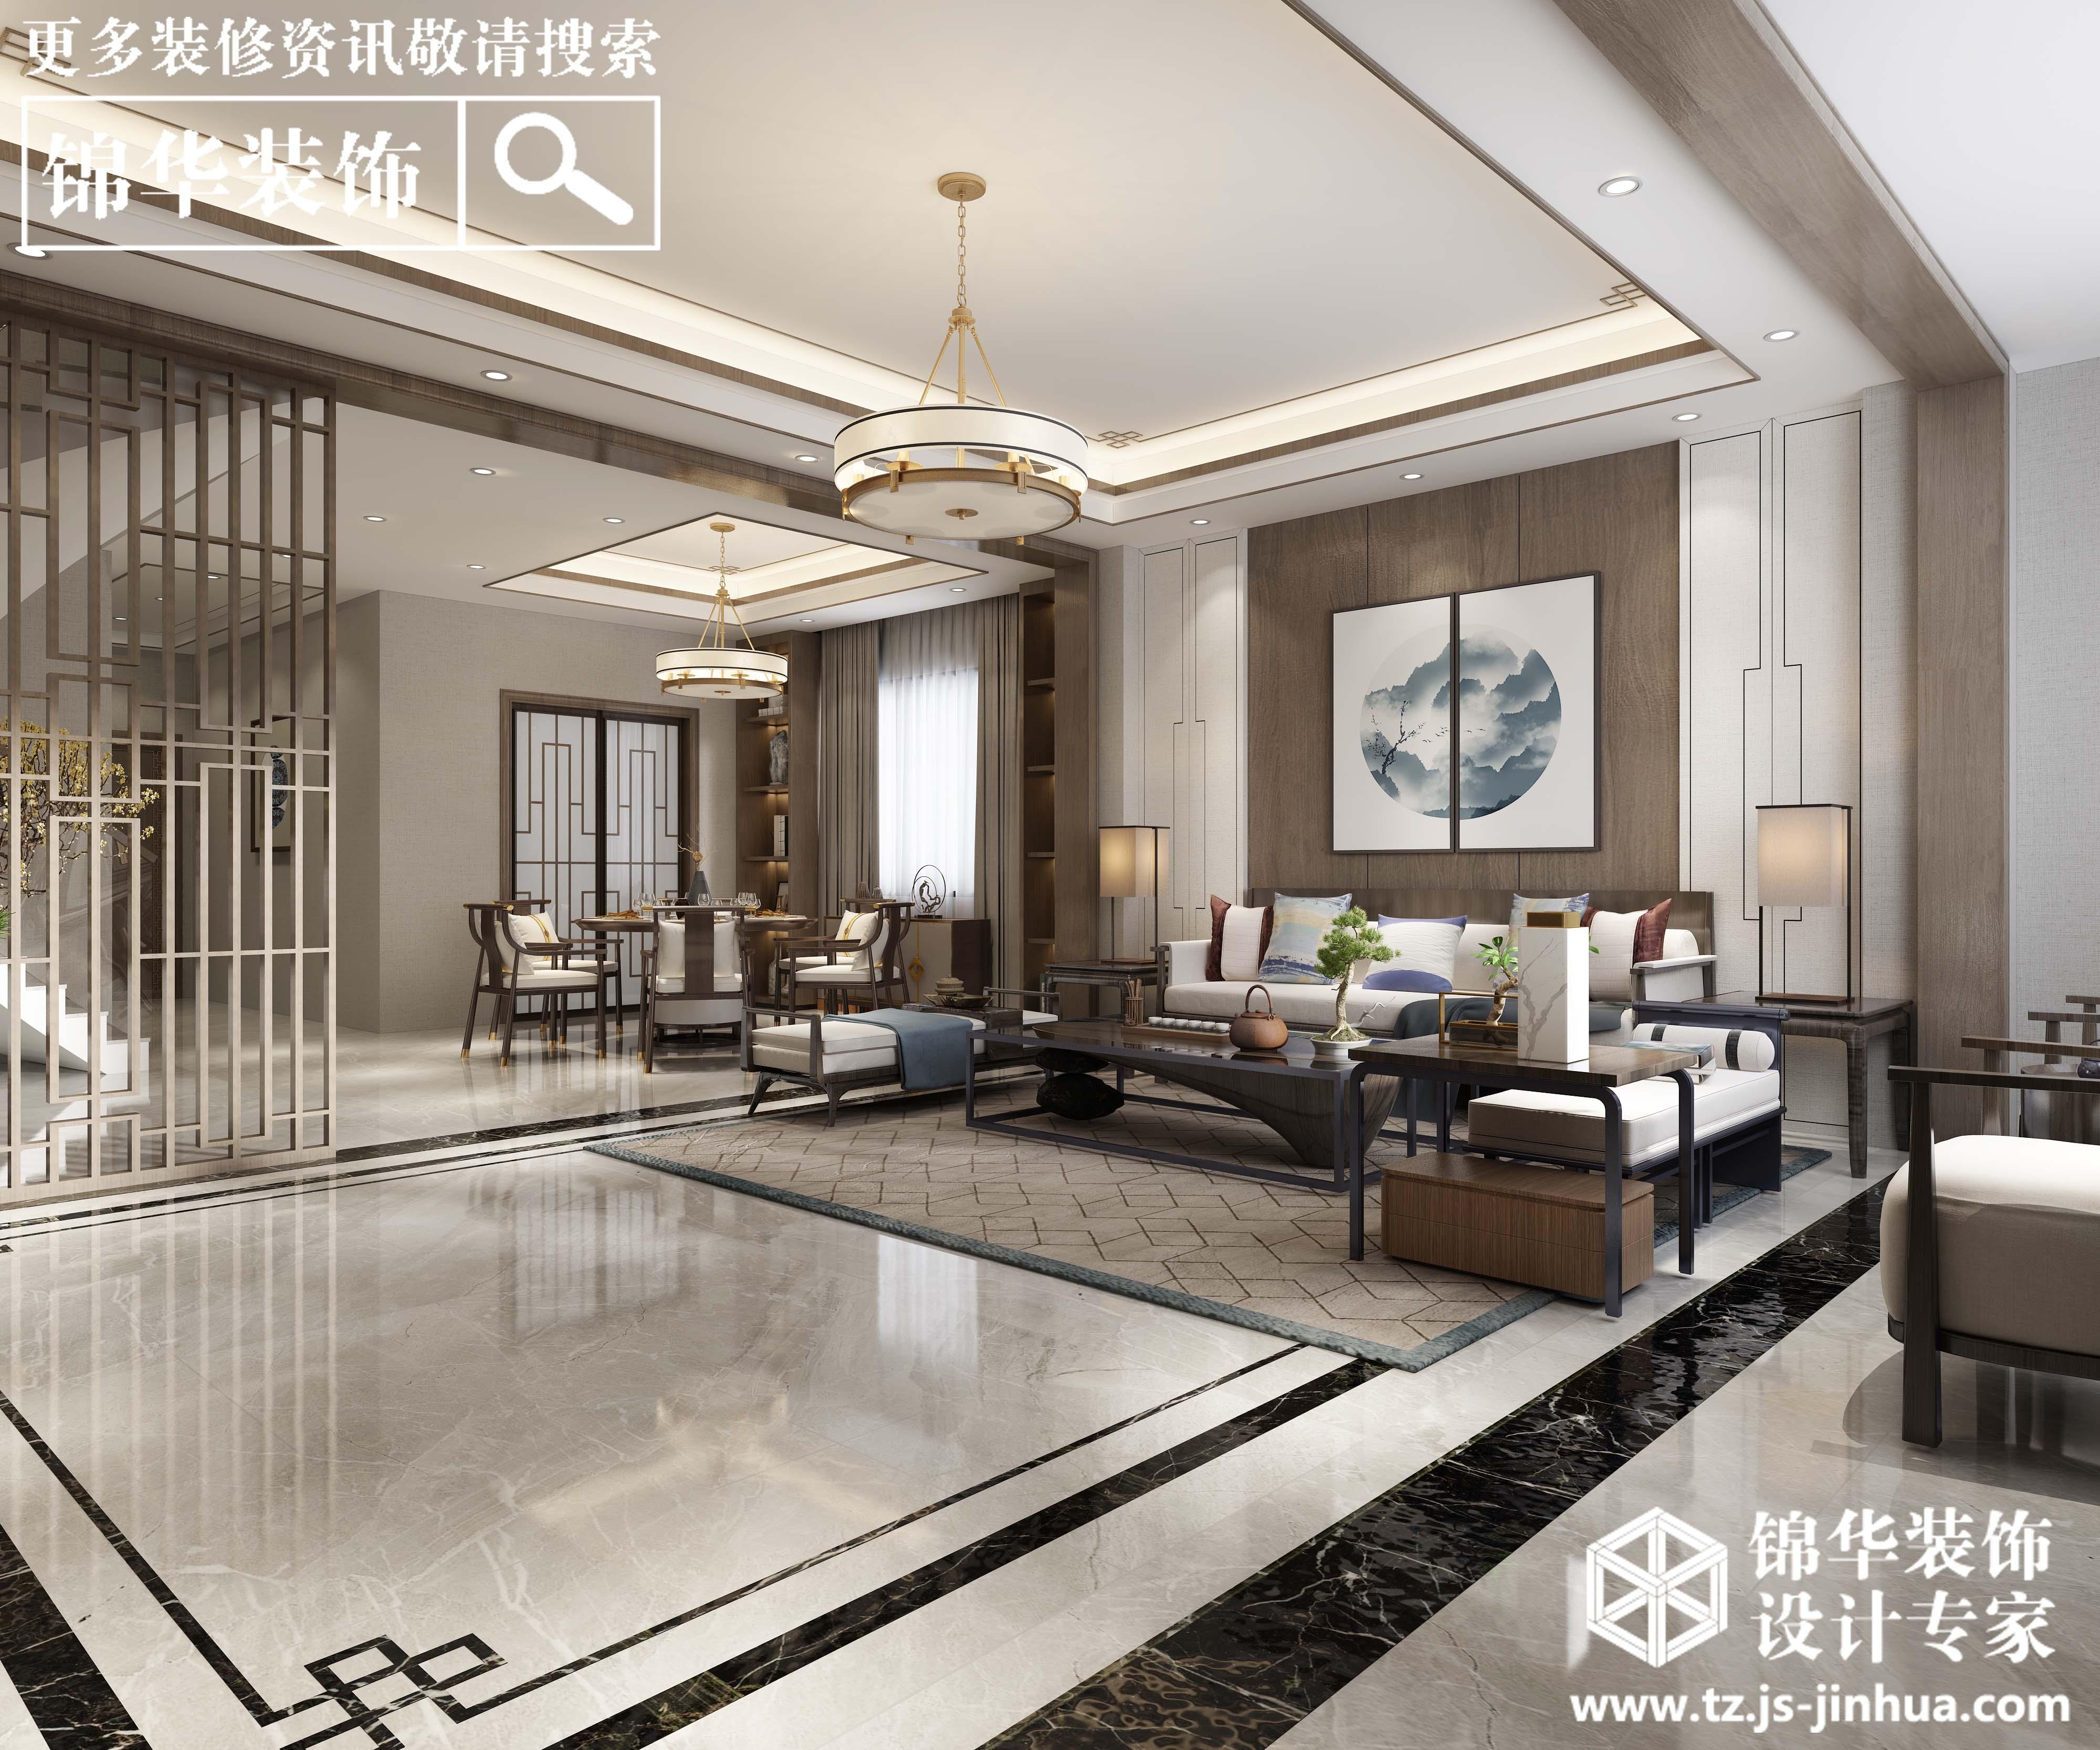 金通玉兰园-新中式风格